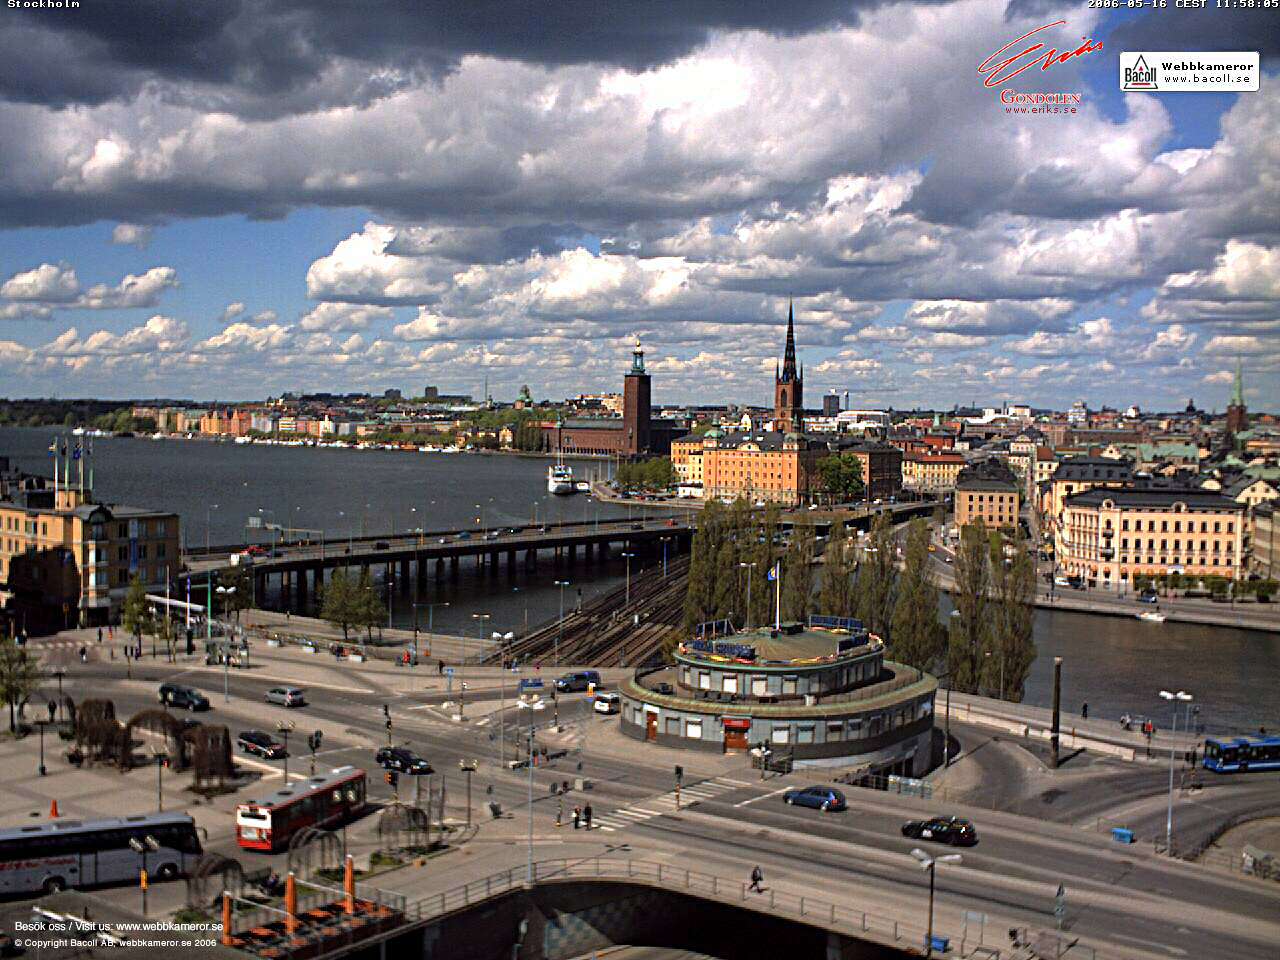 dejting stockholm webcam tjejer